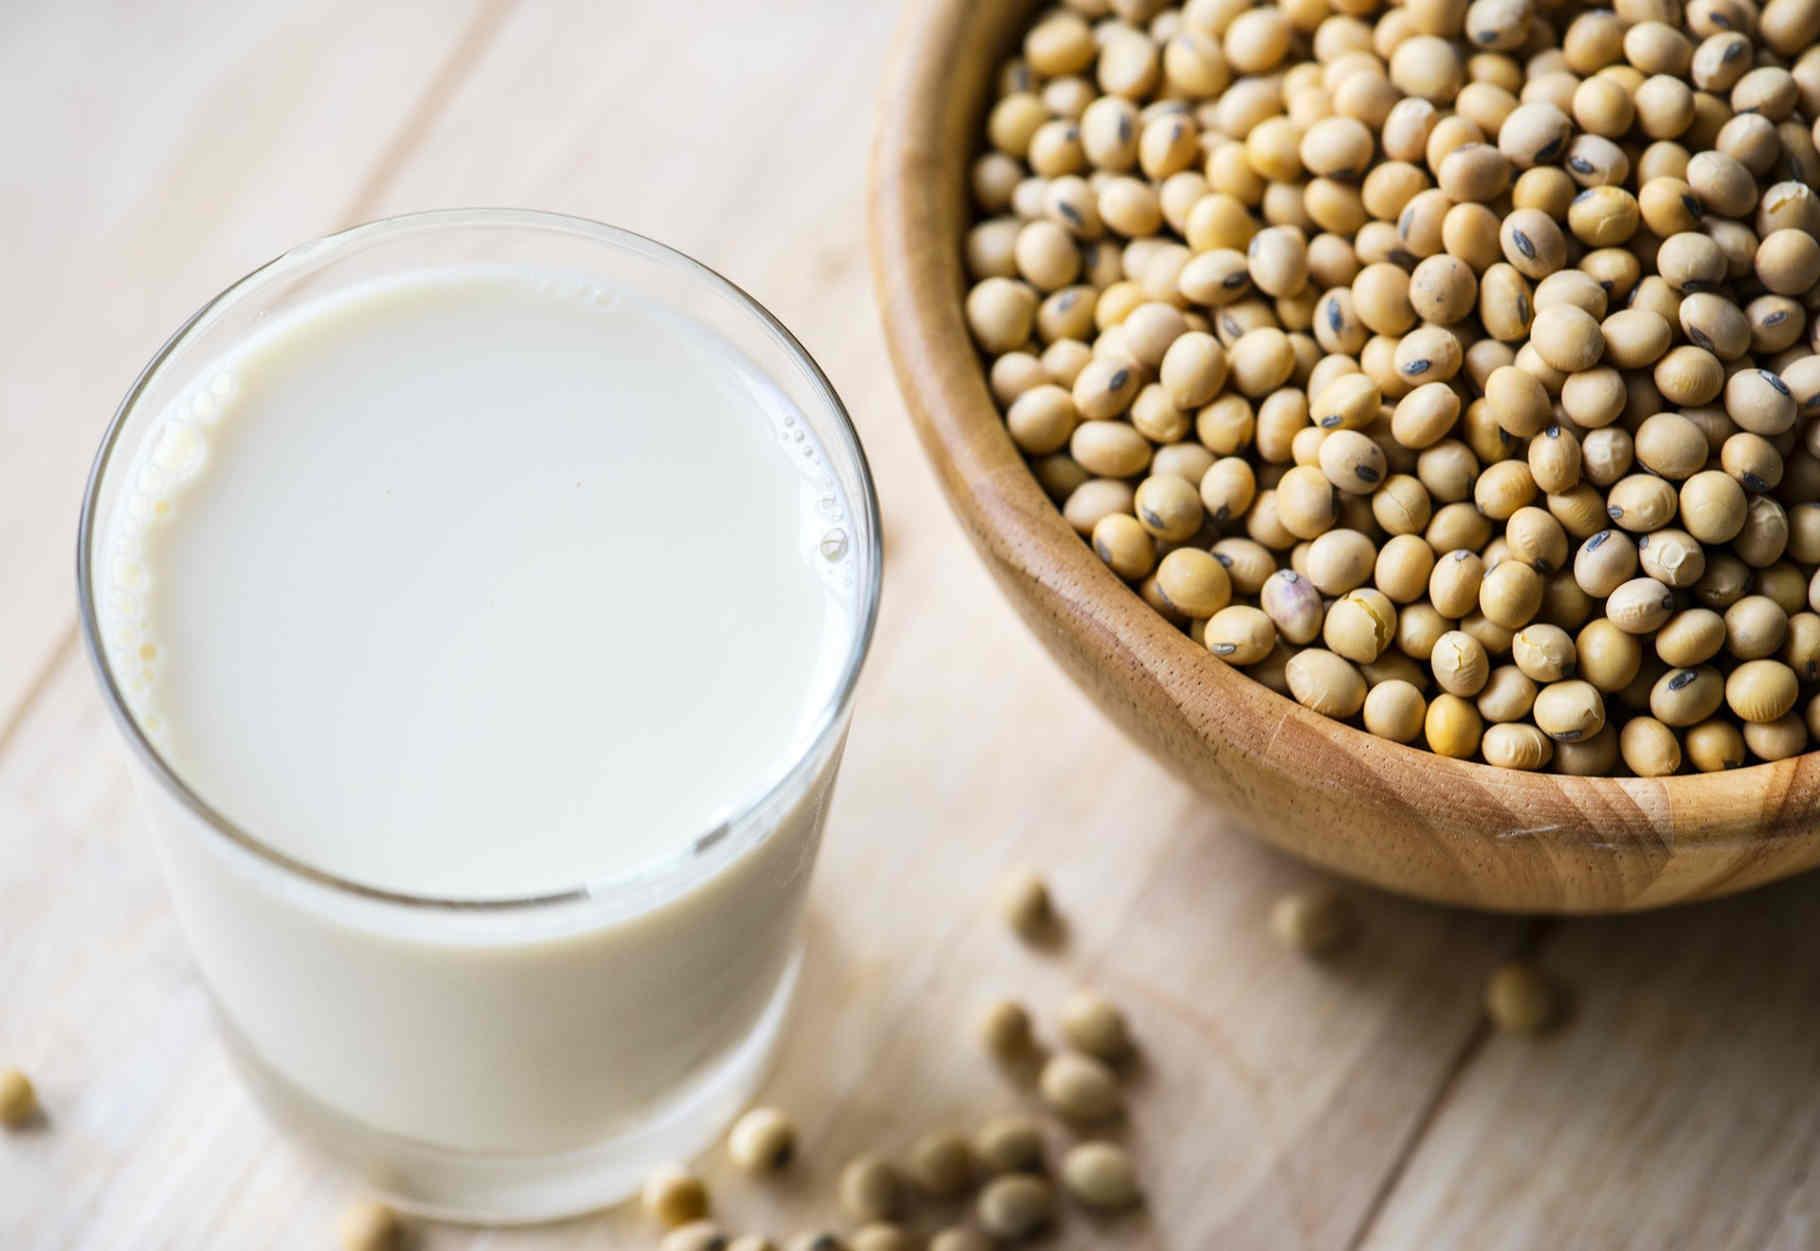 Latte di Soia fa Male o Bene? Controindicazioni ed Effetti Collaterali